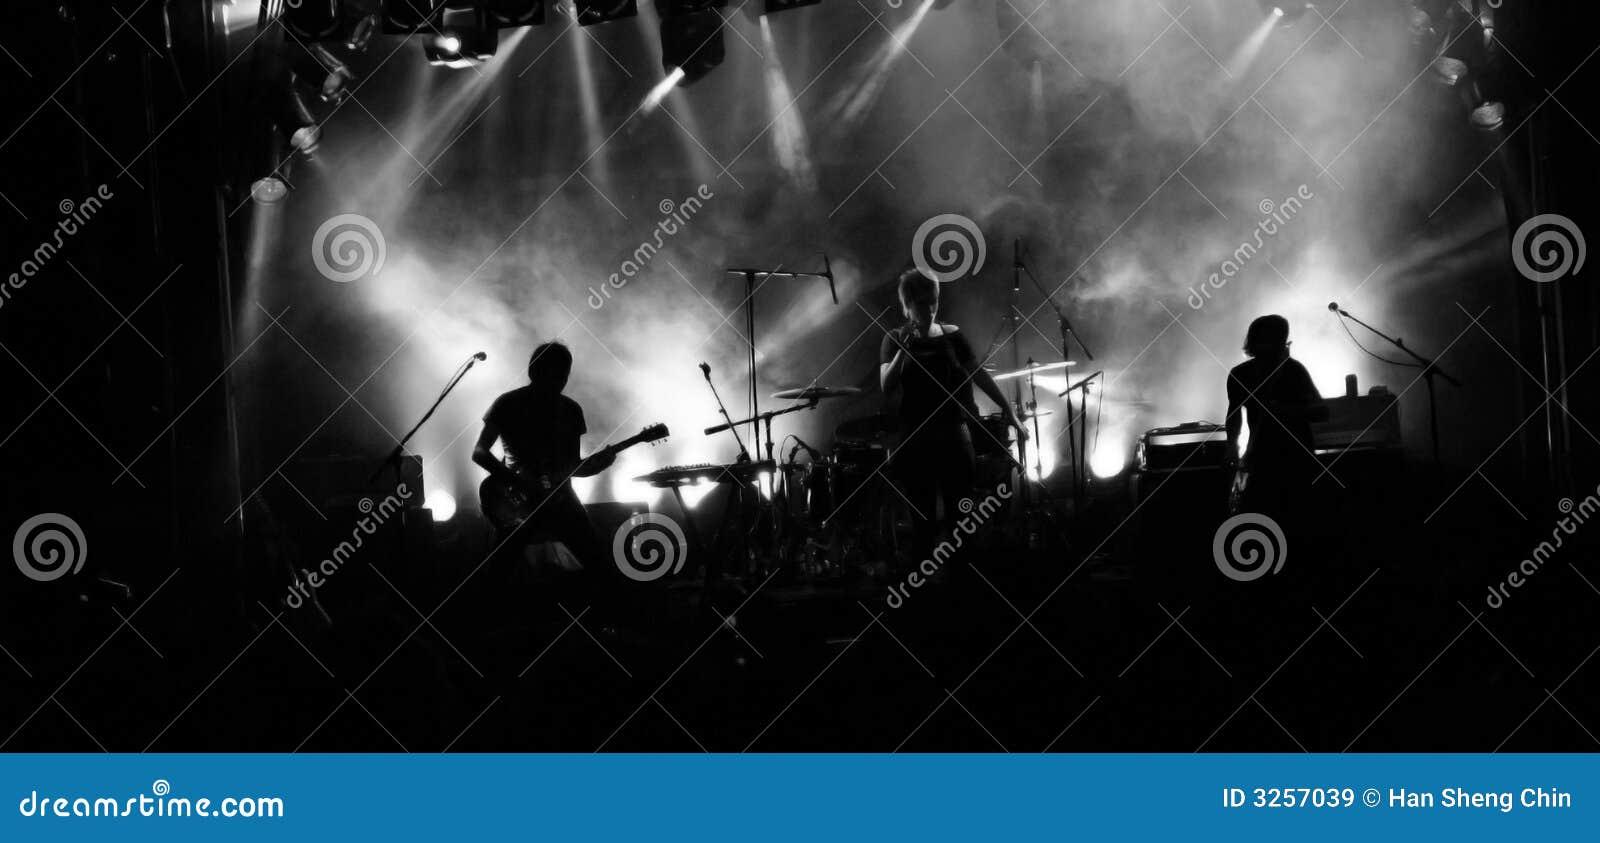 Siluetta della banda rock